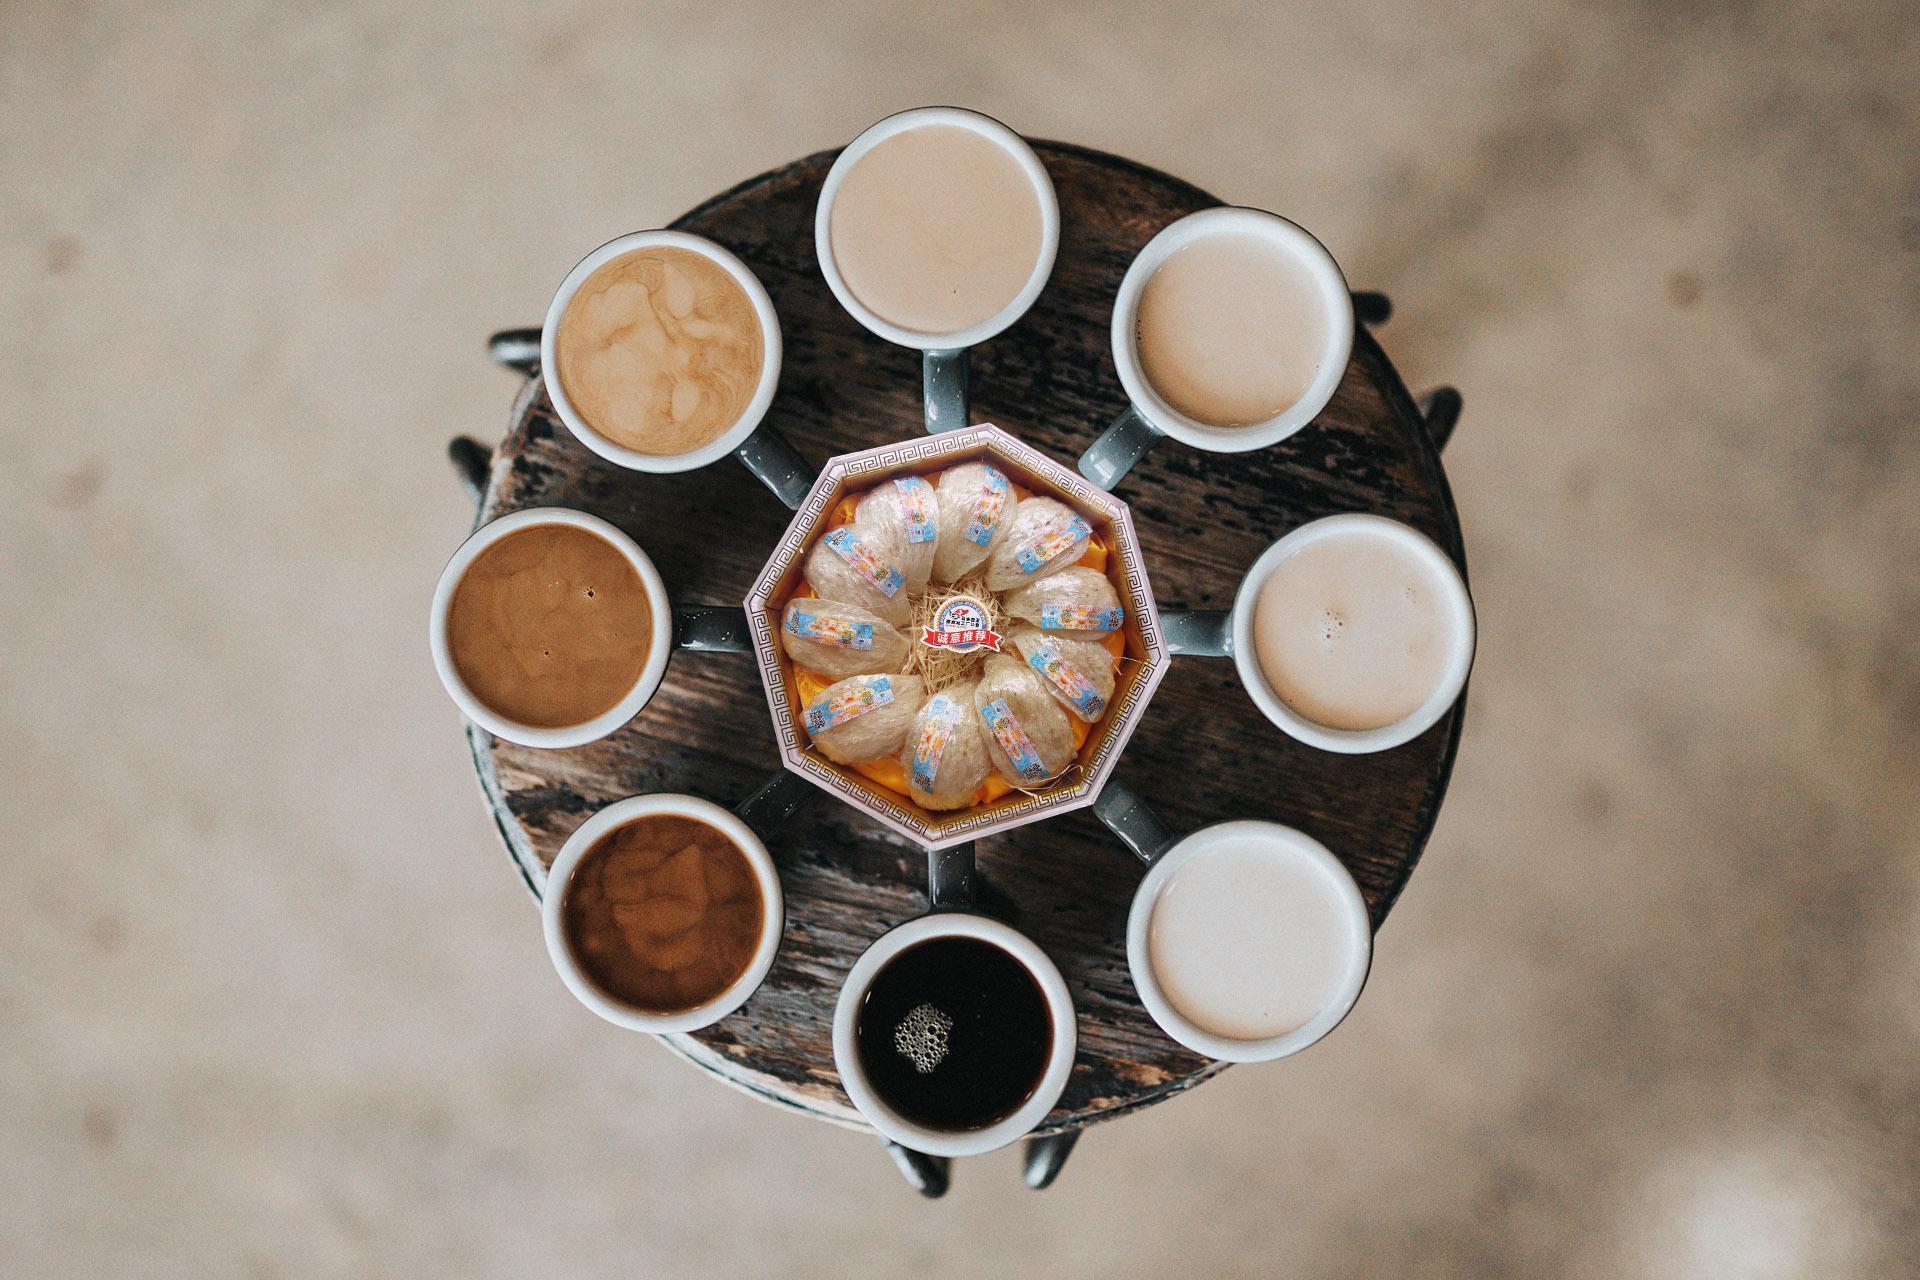 燕窝与咖啡